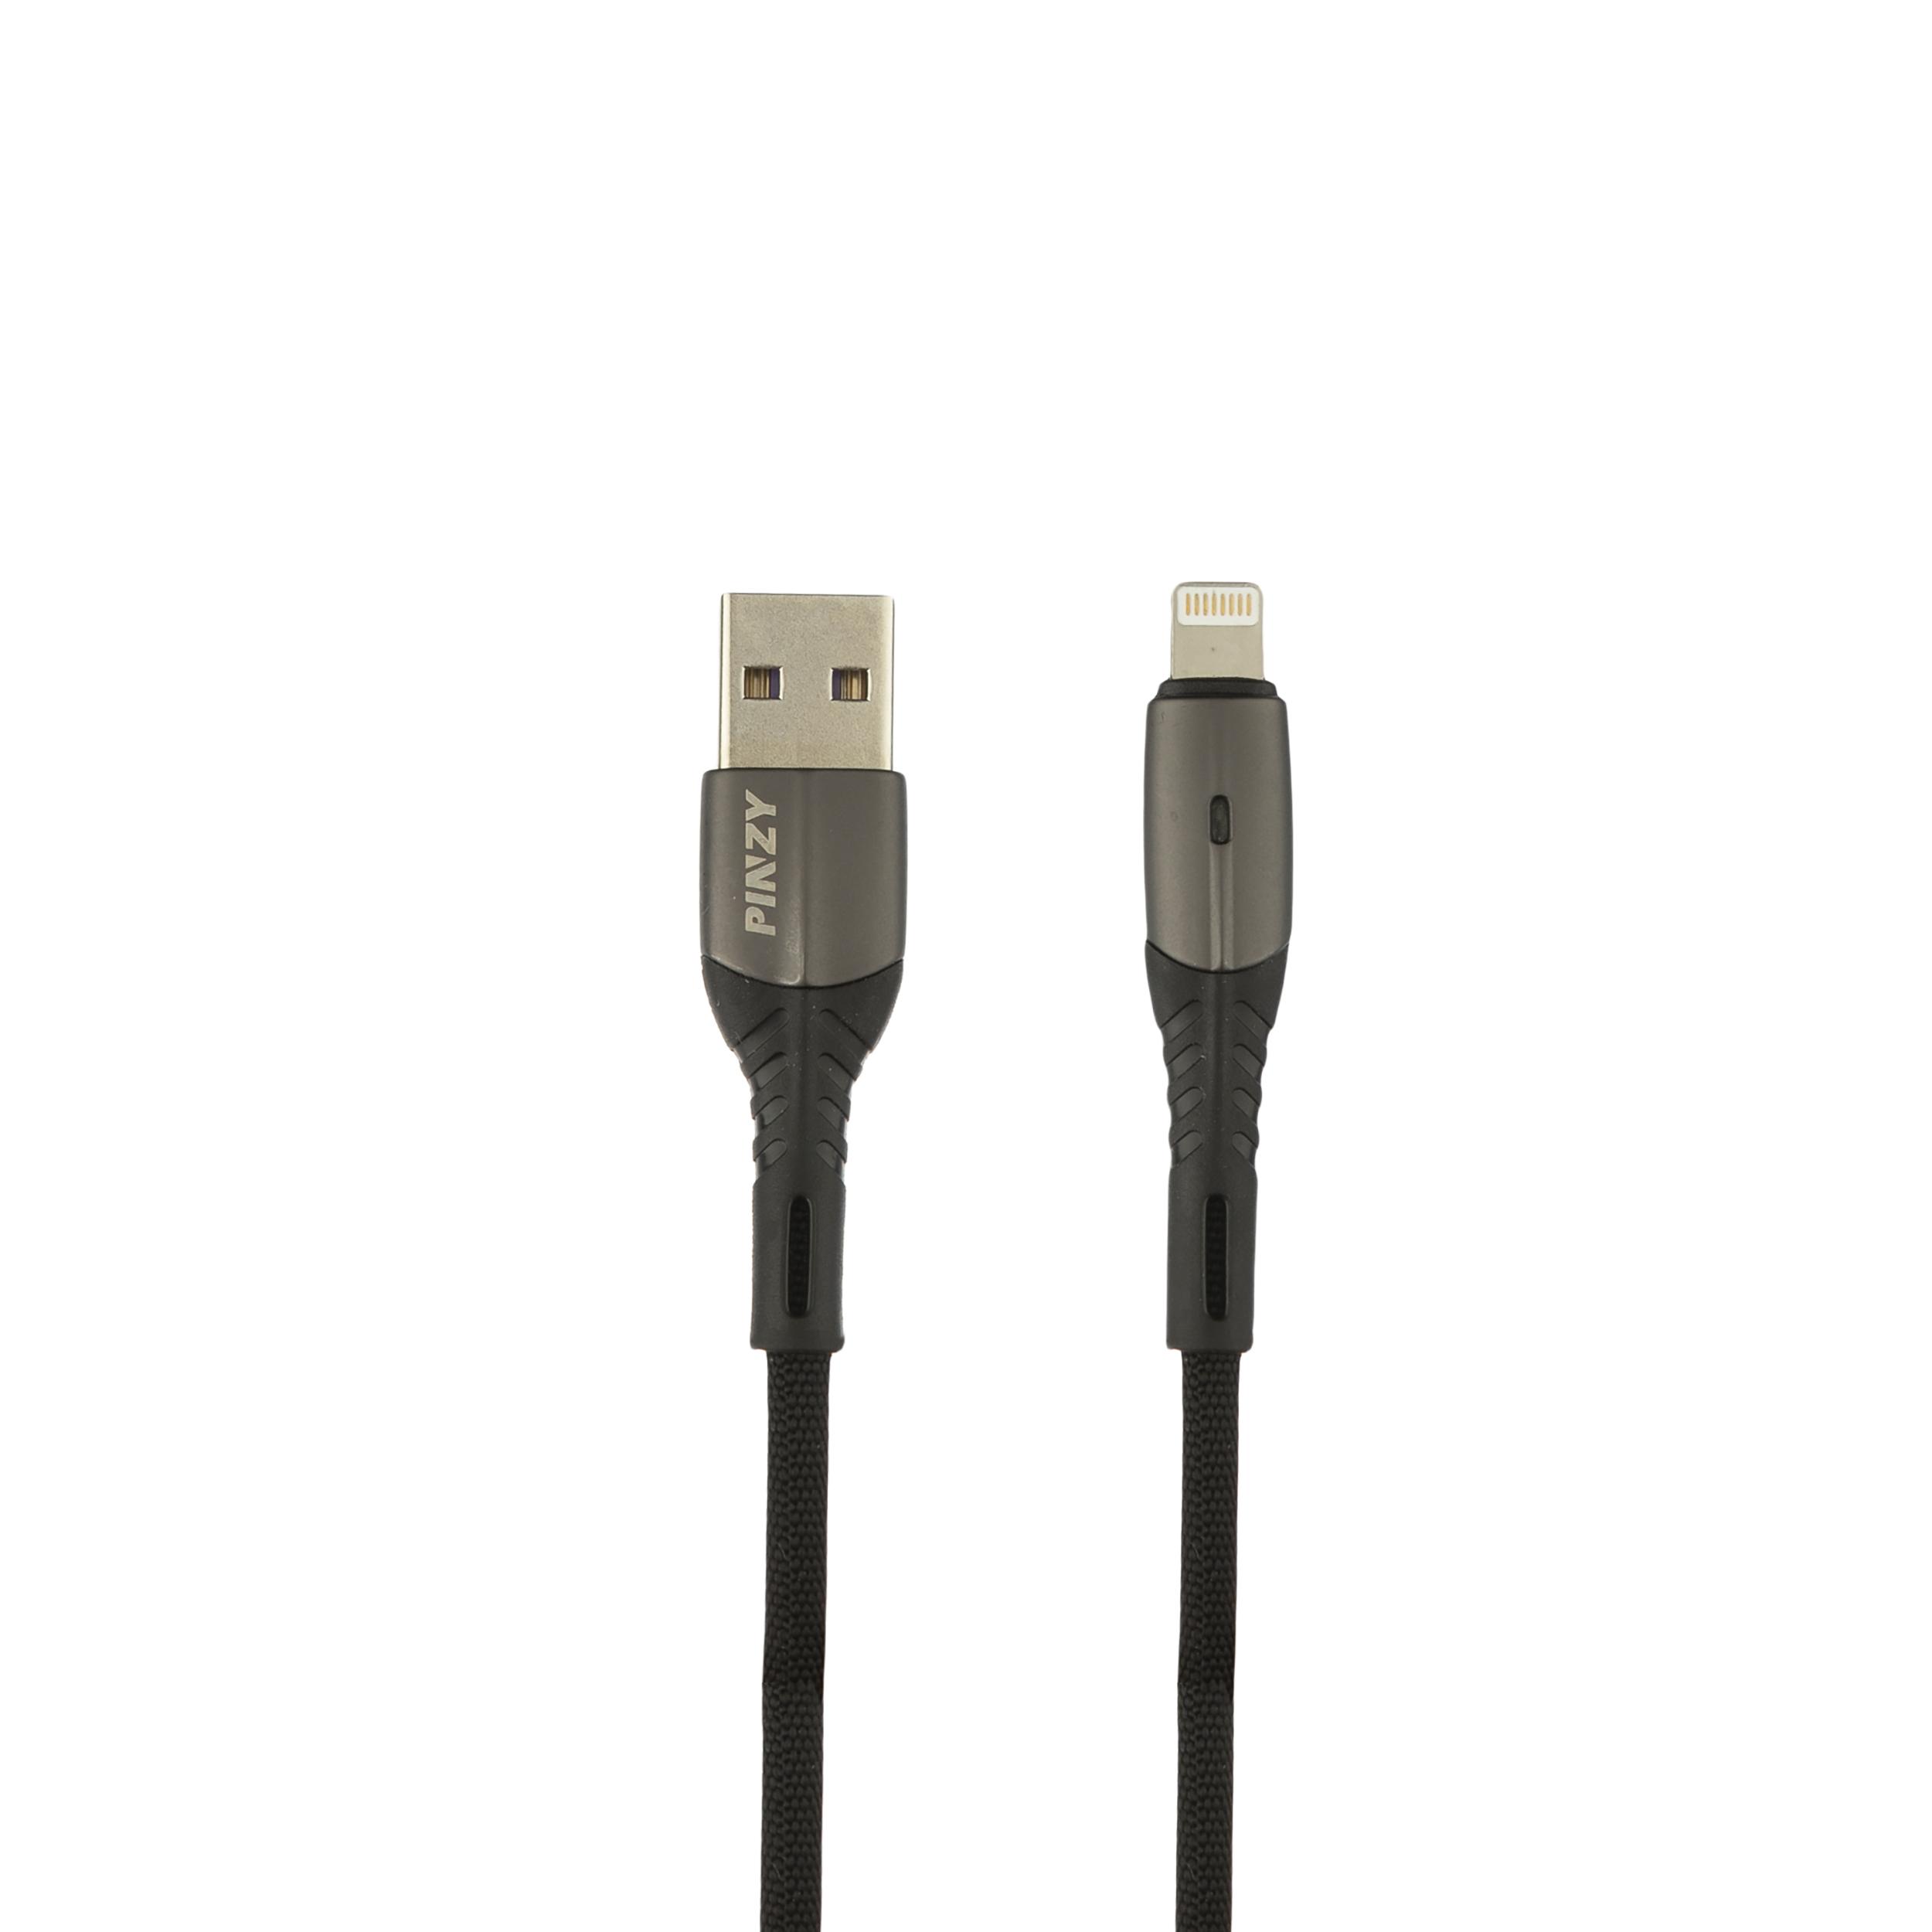 کابل تبدیل USB به لایتنینگ پینزی مدل L11 طول 1 متر